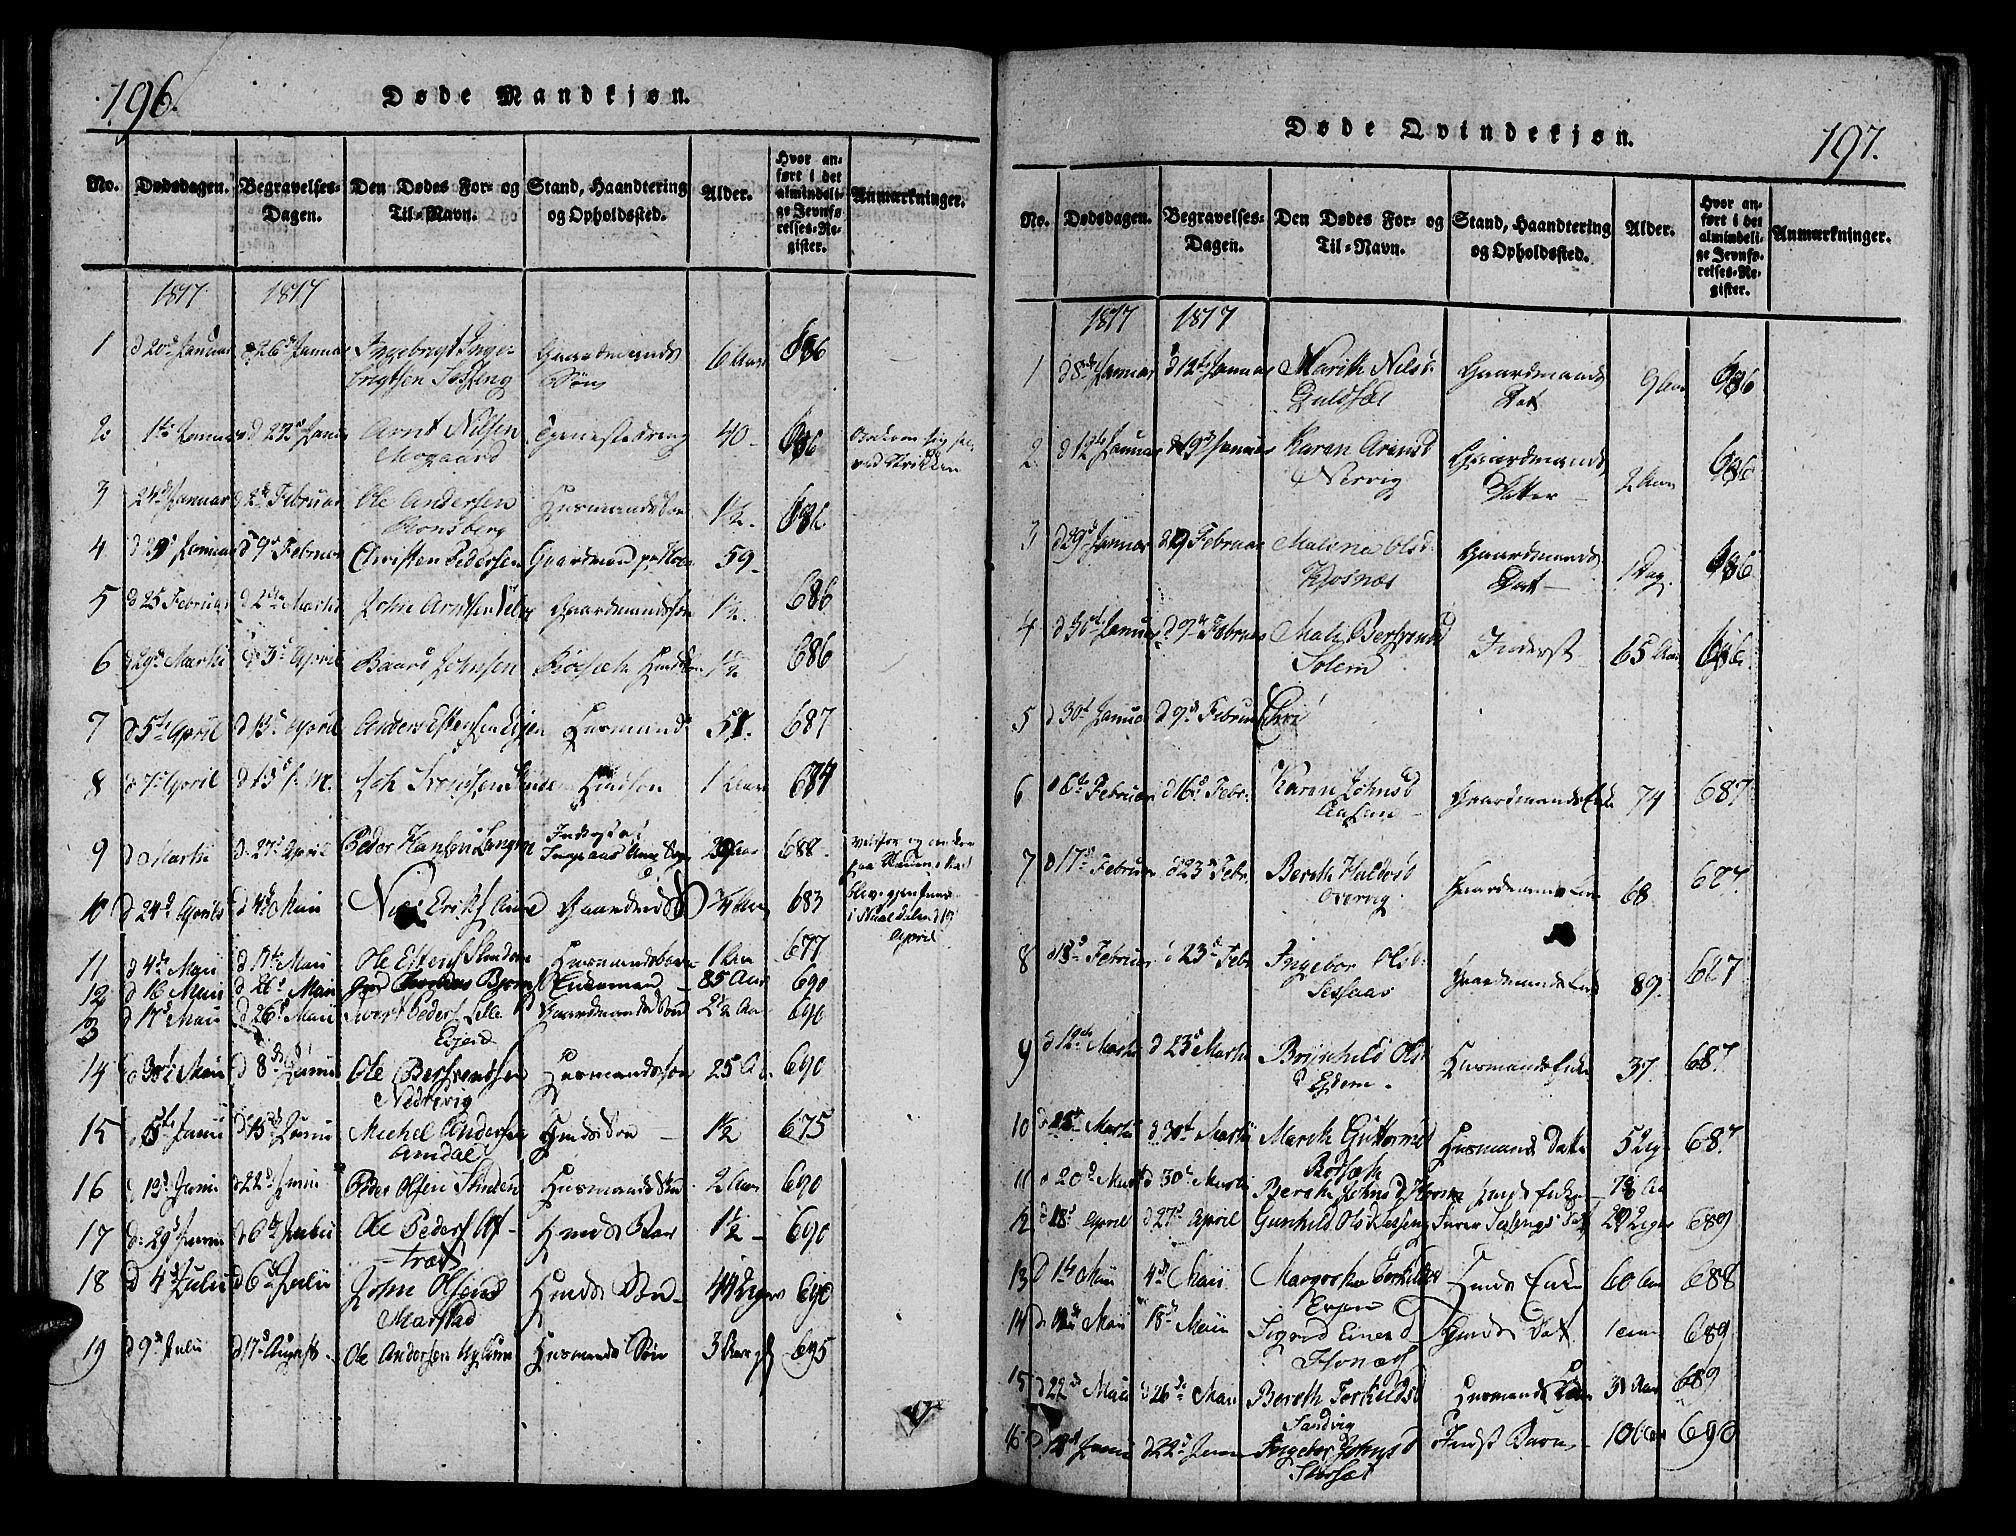 SAT, Ministerialprotokoller, klokkerbøker og fødselsregistre - Sør-Trøndelag, 695/L1141: Ministerialbok nr. 695A04 /1, 1816-1824, s. 196-197